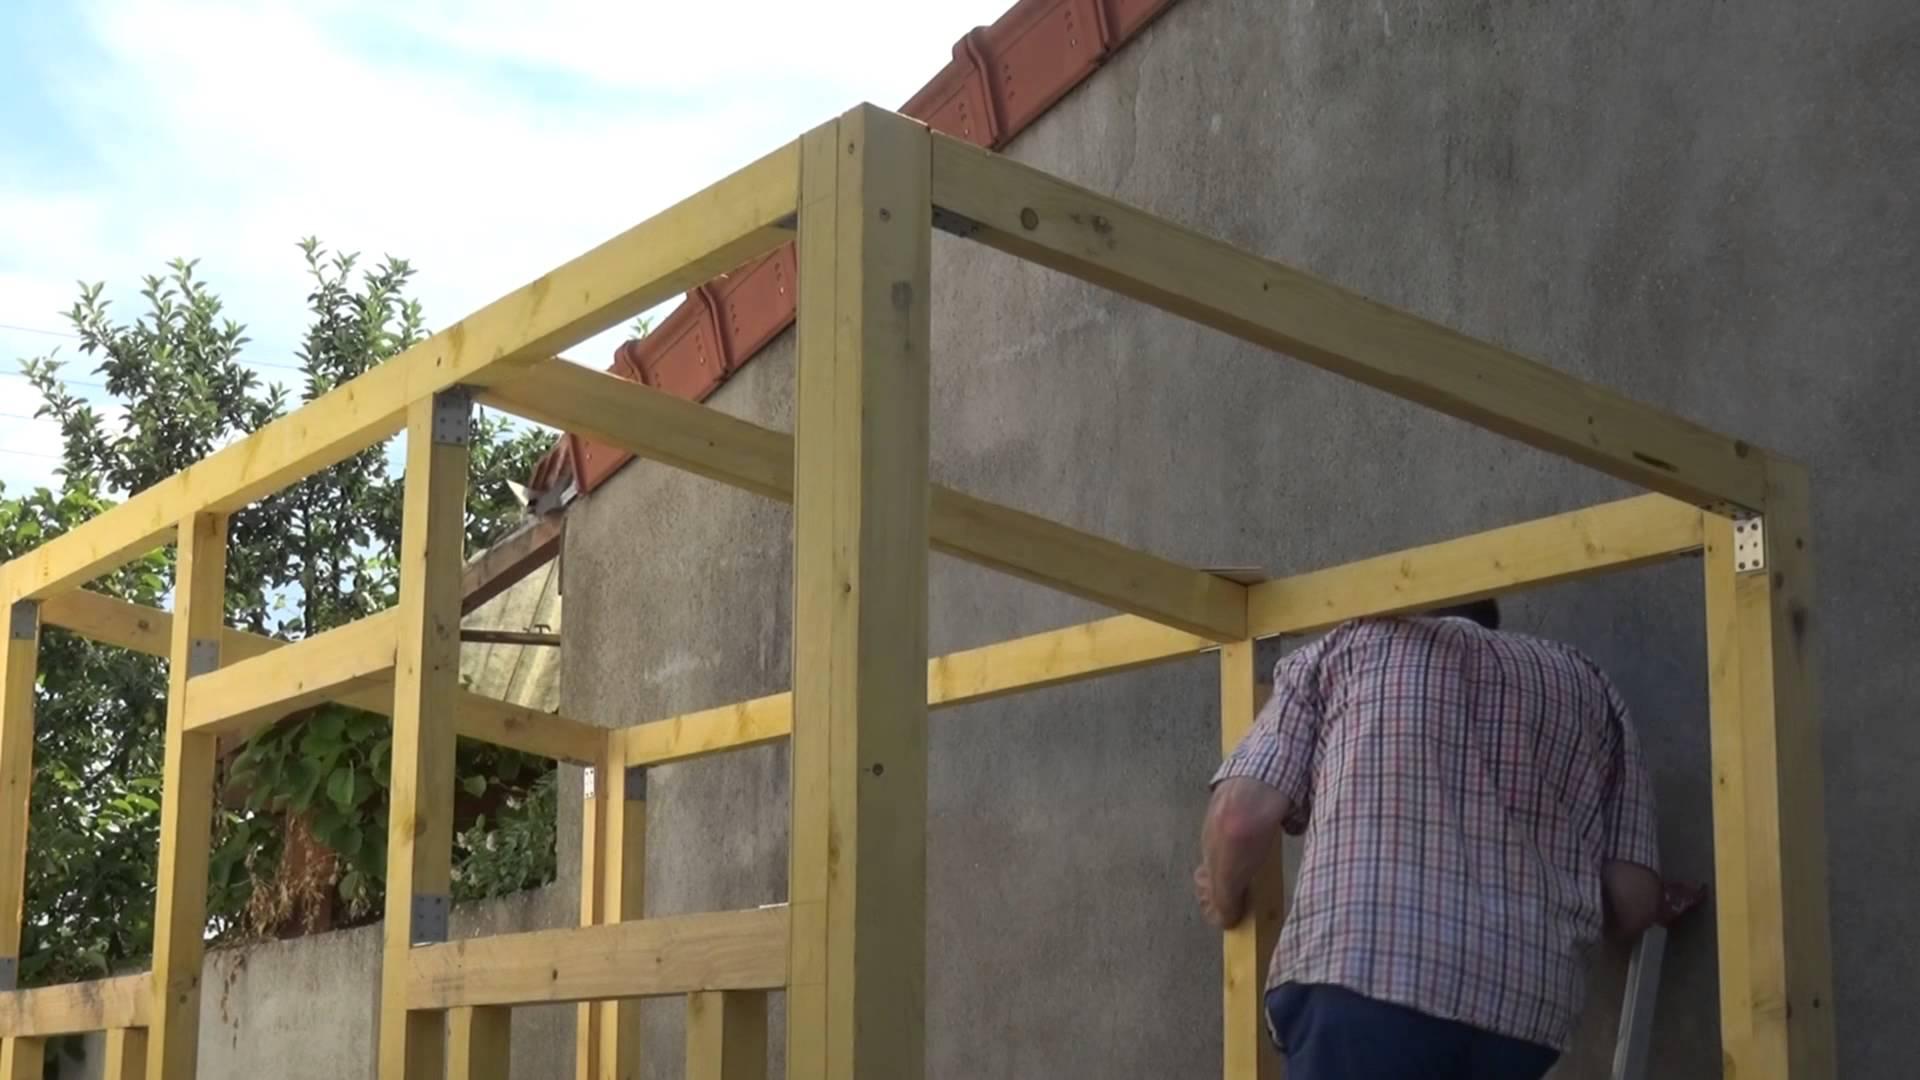 Construire Abri De Jardin Des Idées - Idees Conception Jardin serapportantà Faire Une Cabane De Jardin